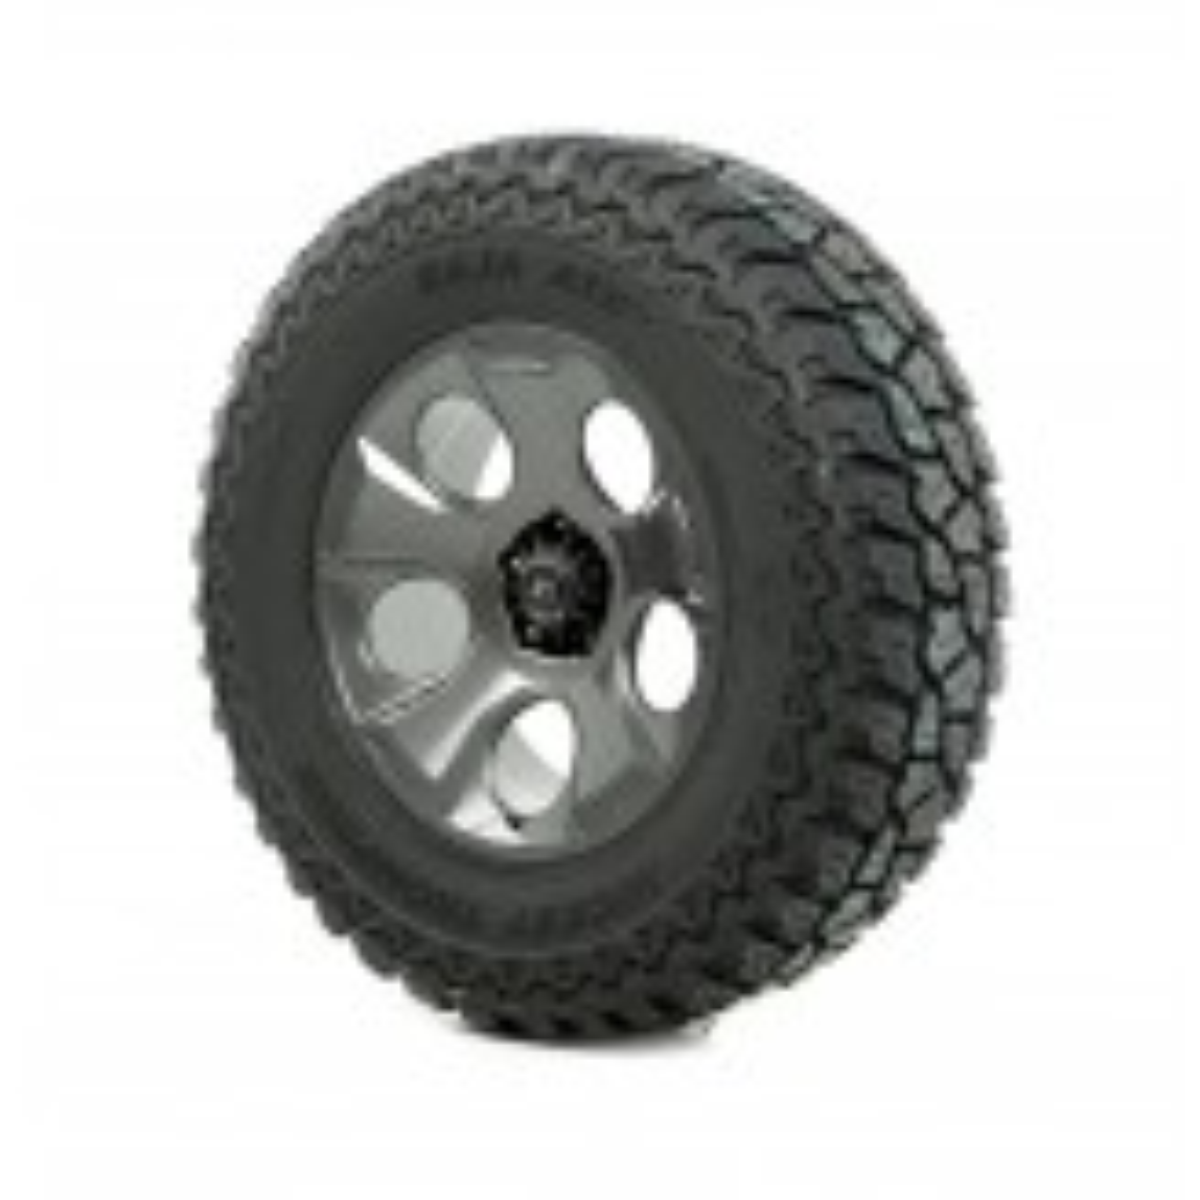 Wheel/Tire Pkg, Drakon, Gun Metal, 37x12.50x20